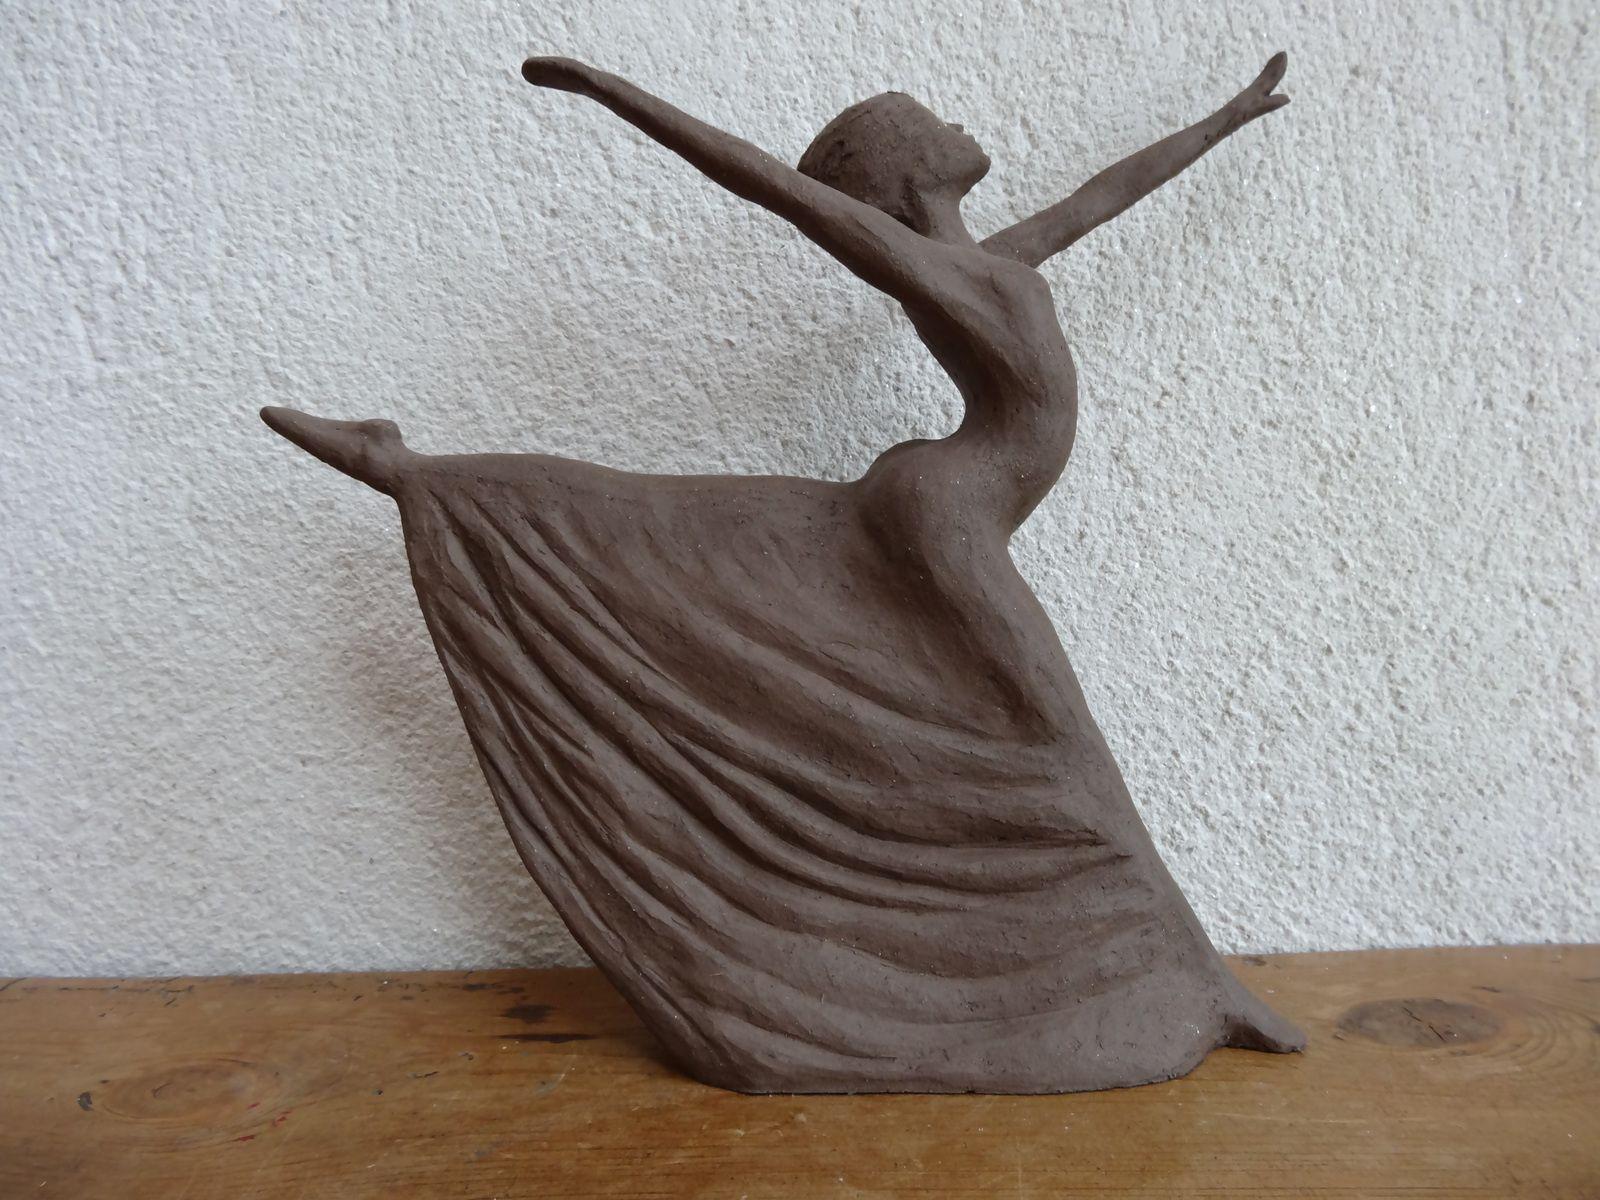 modelage id es sculptures argile id es de sculpture sculpture argile et sculptures c ramiques. Black Bedroom Furniture Sets. Home Design Ideas